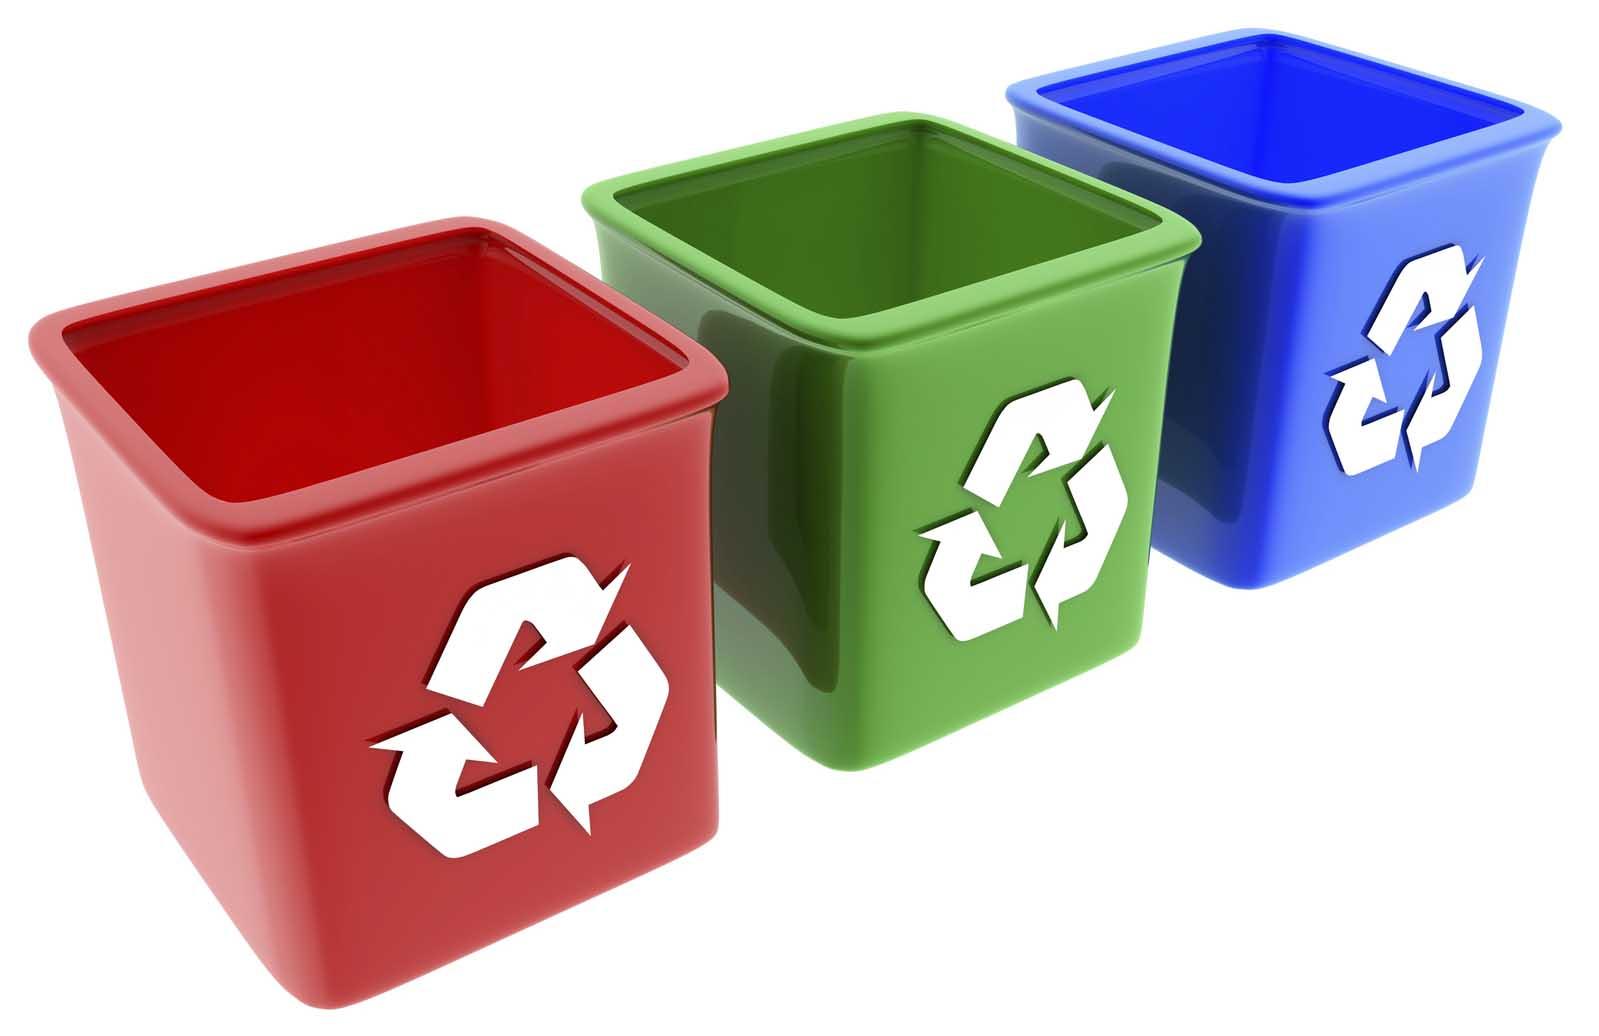 rifiuti raccolta differenziata contenitori iStock